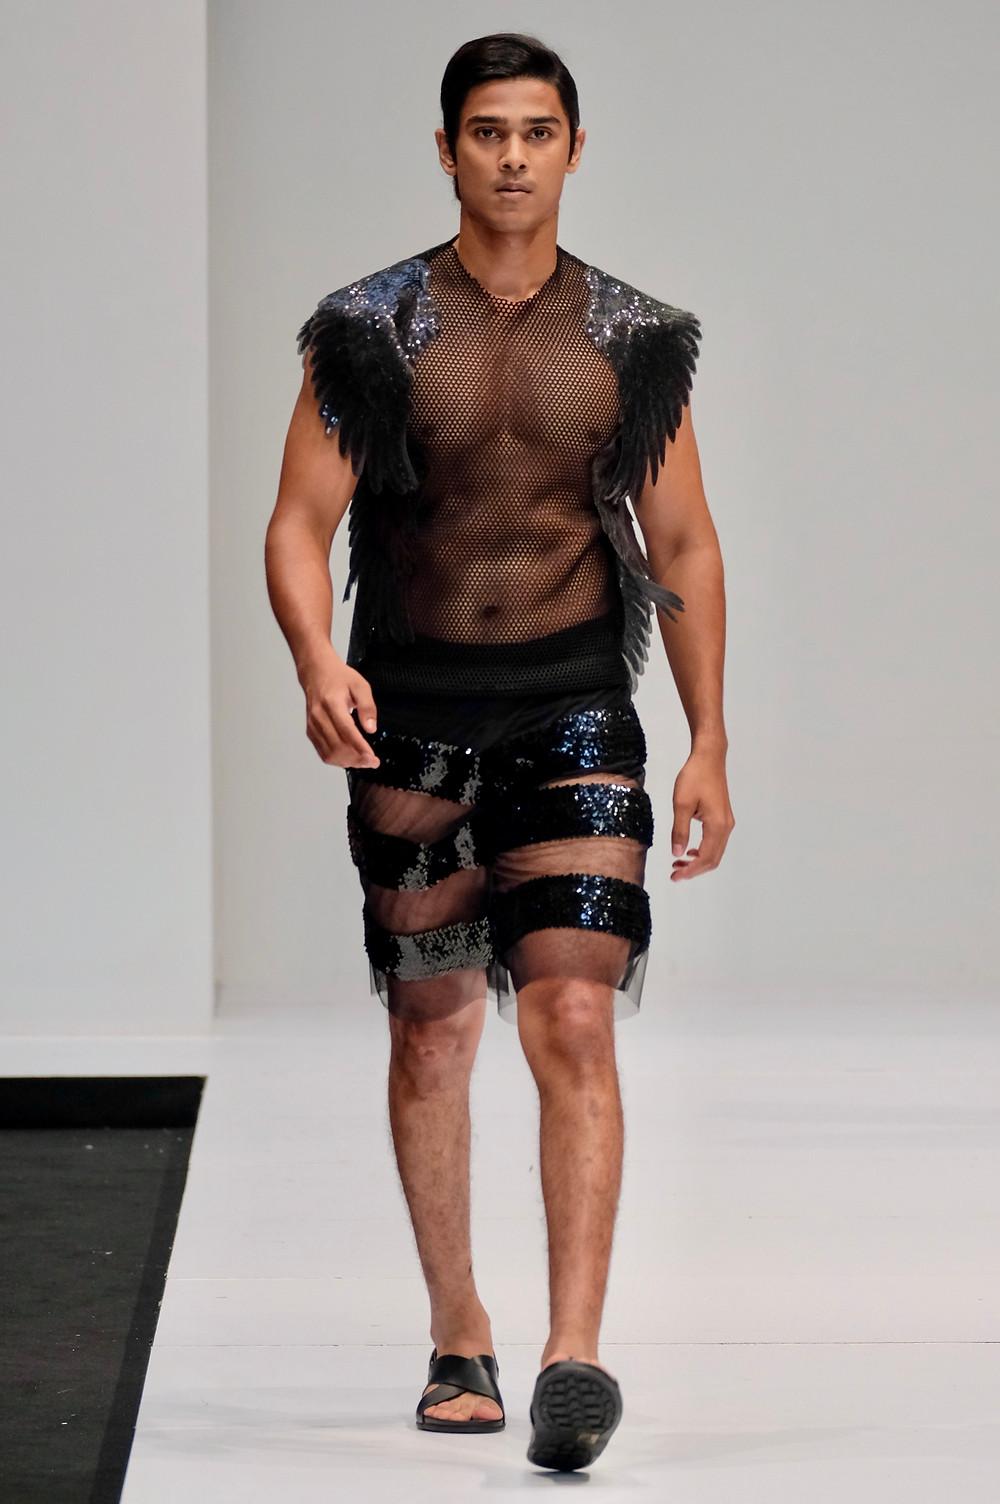 Andy Bandy Kuala Lumpur Fashion Week 2019 KLFW